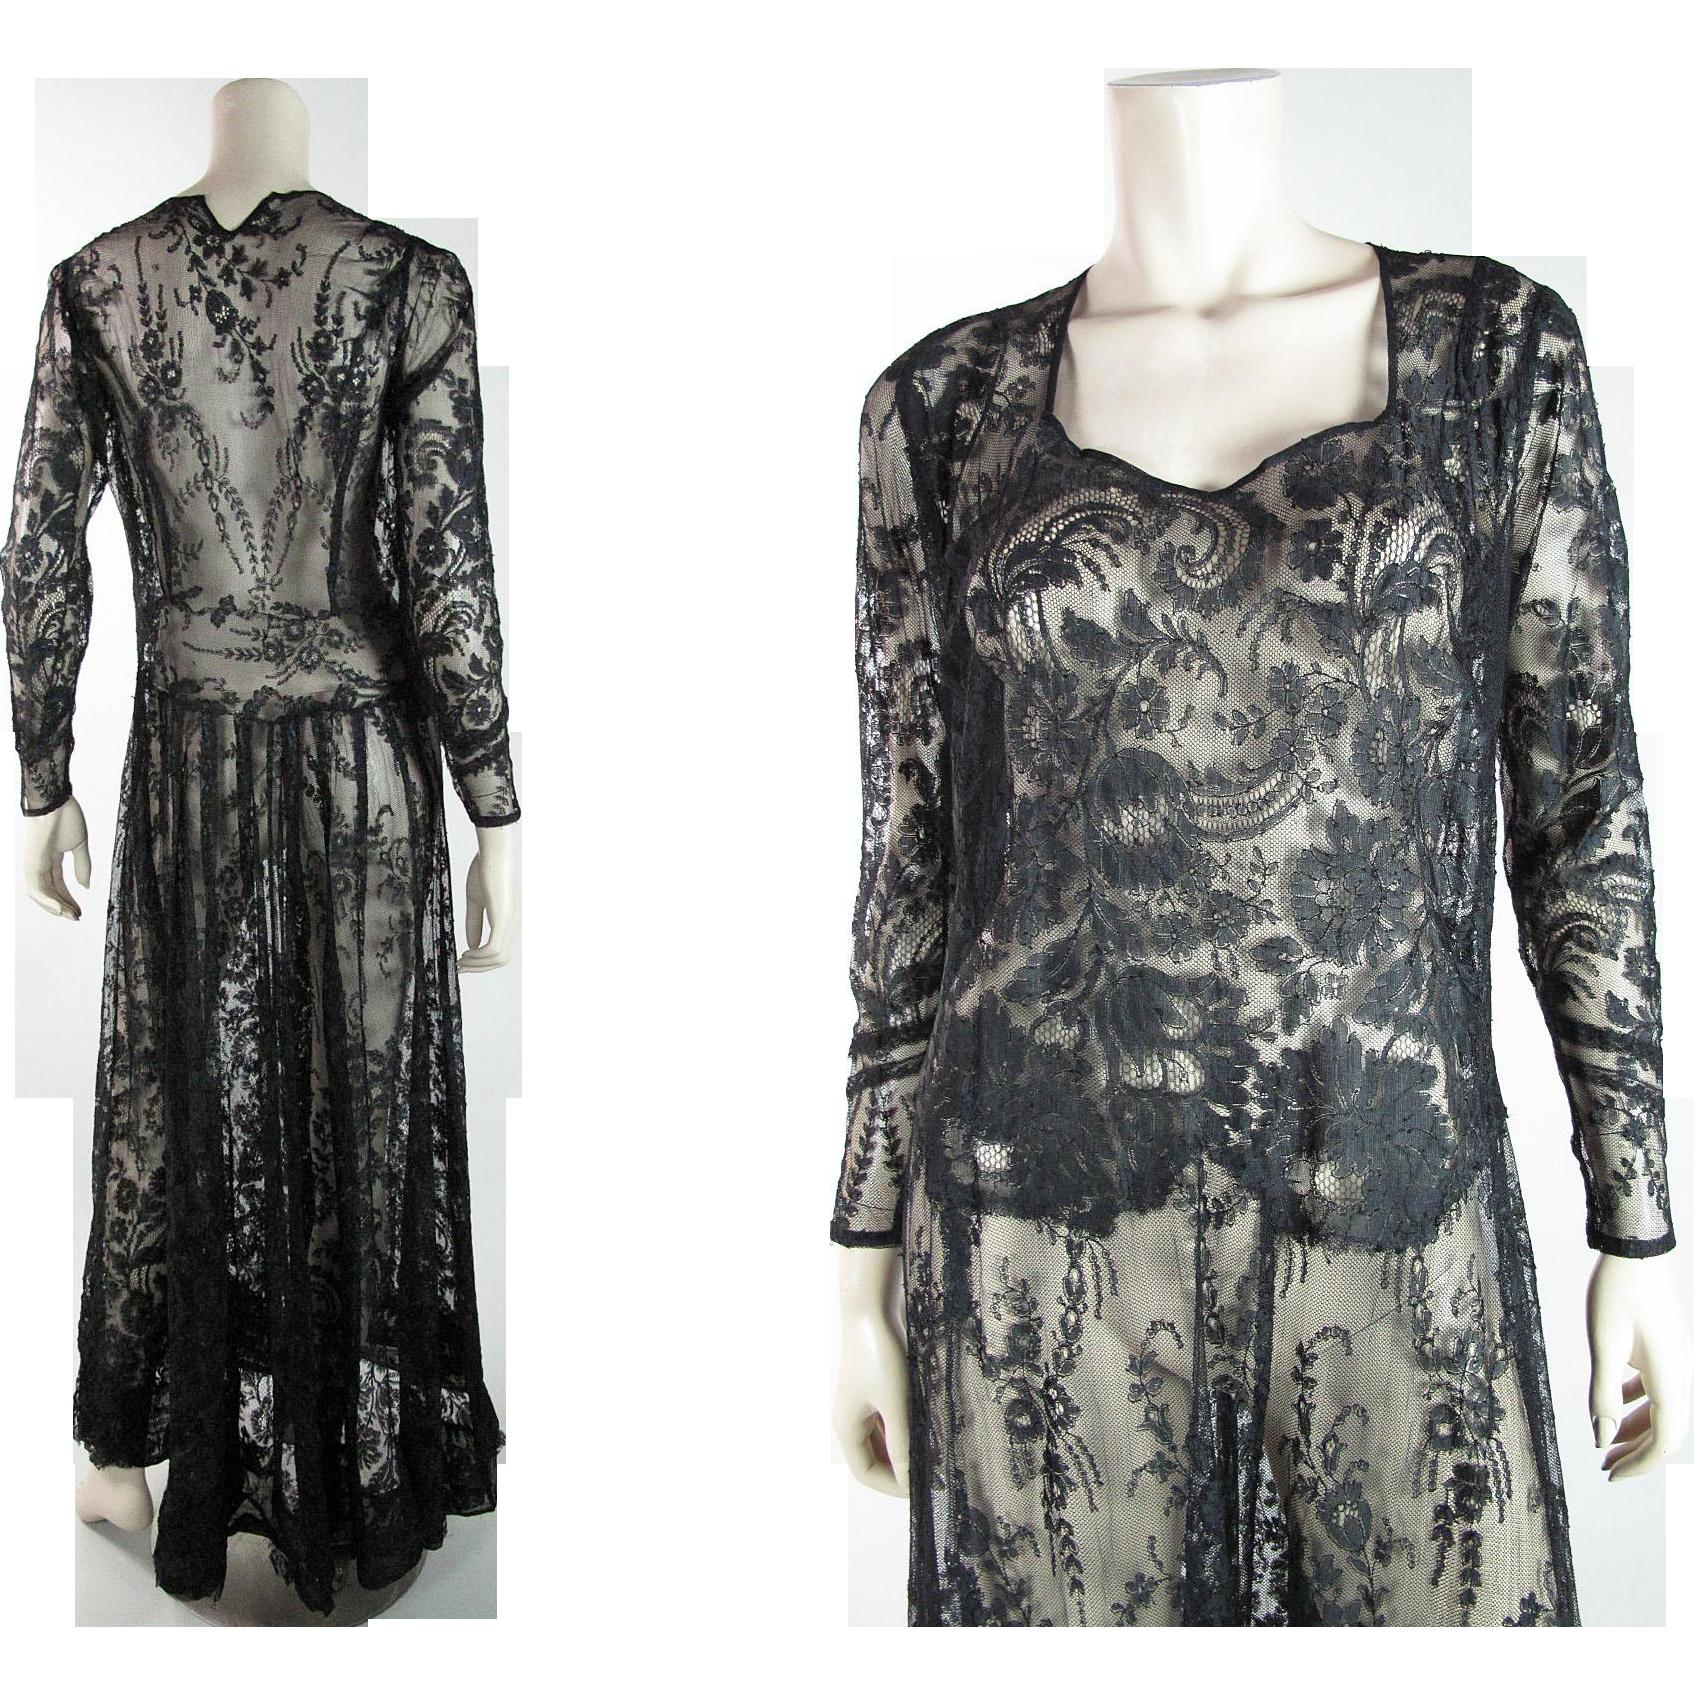 Exquisite 1930's Vintage Black Chantilly Lace Dress